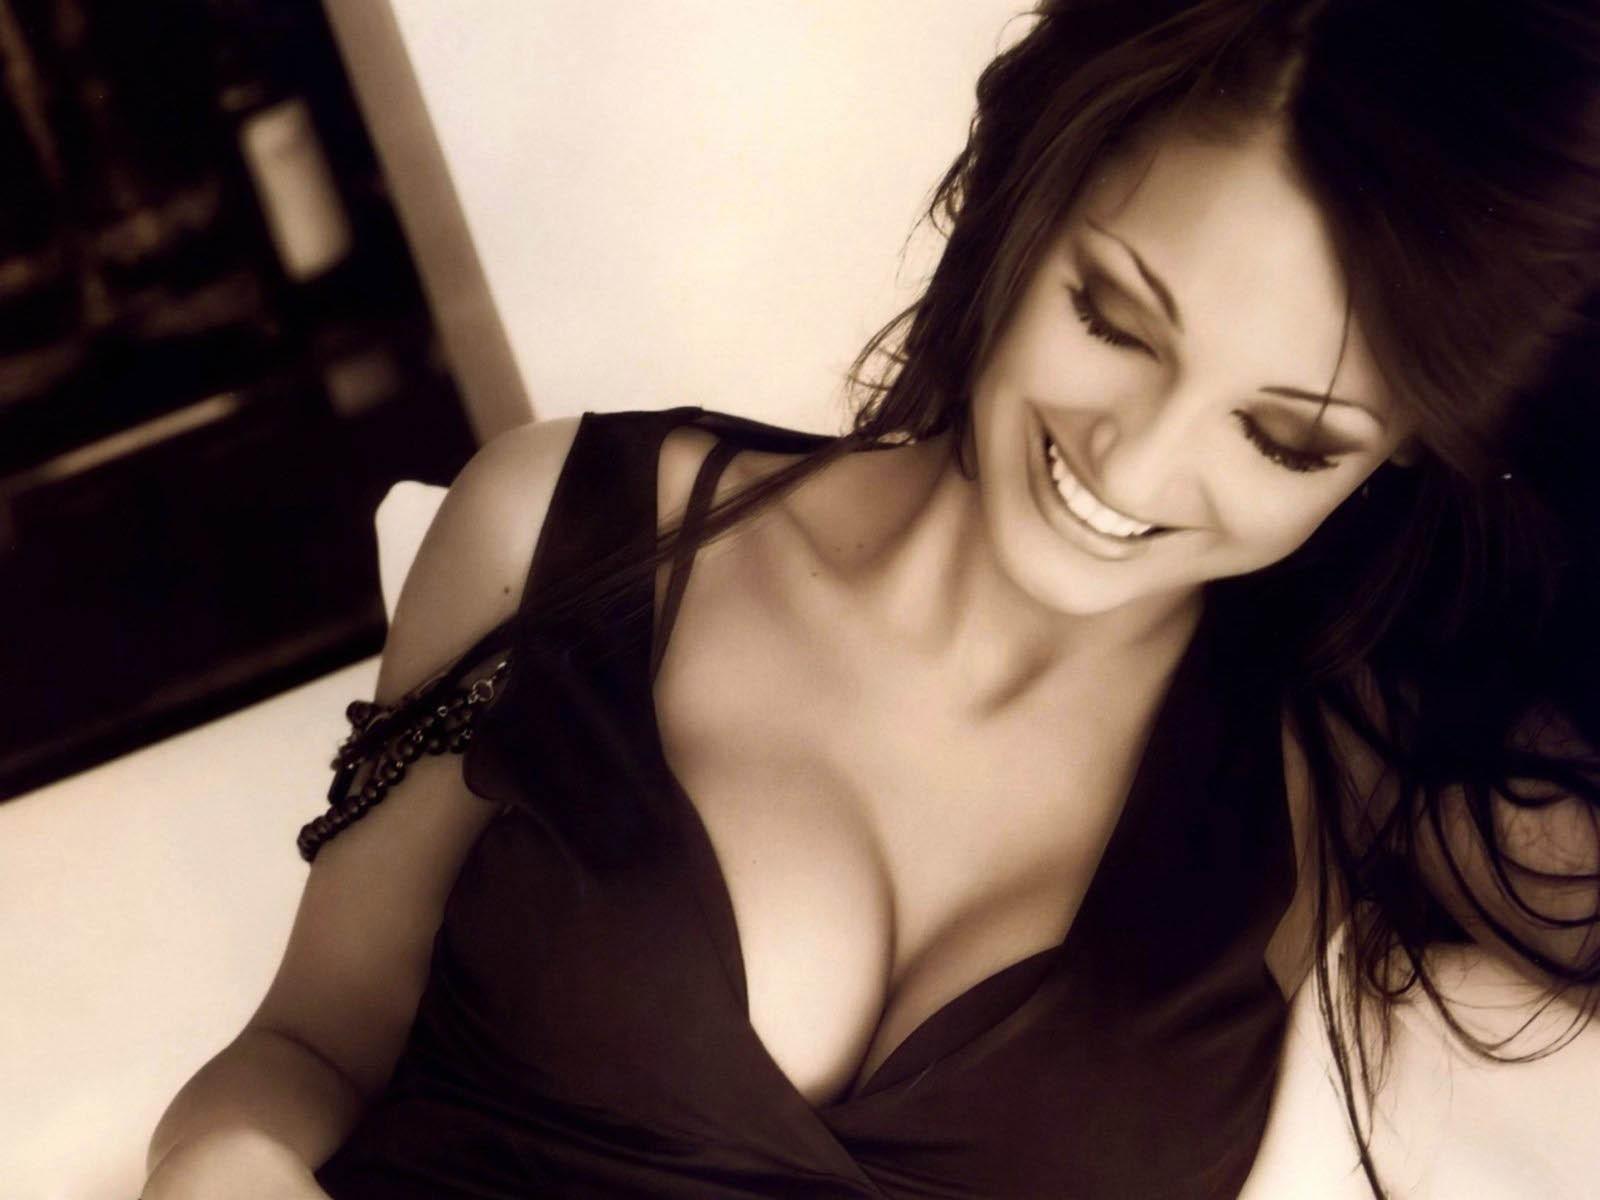 Фотографии красивой девушки брюнетки с хорошей грудью 10 фотография